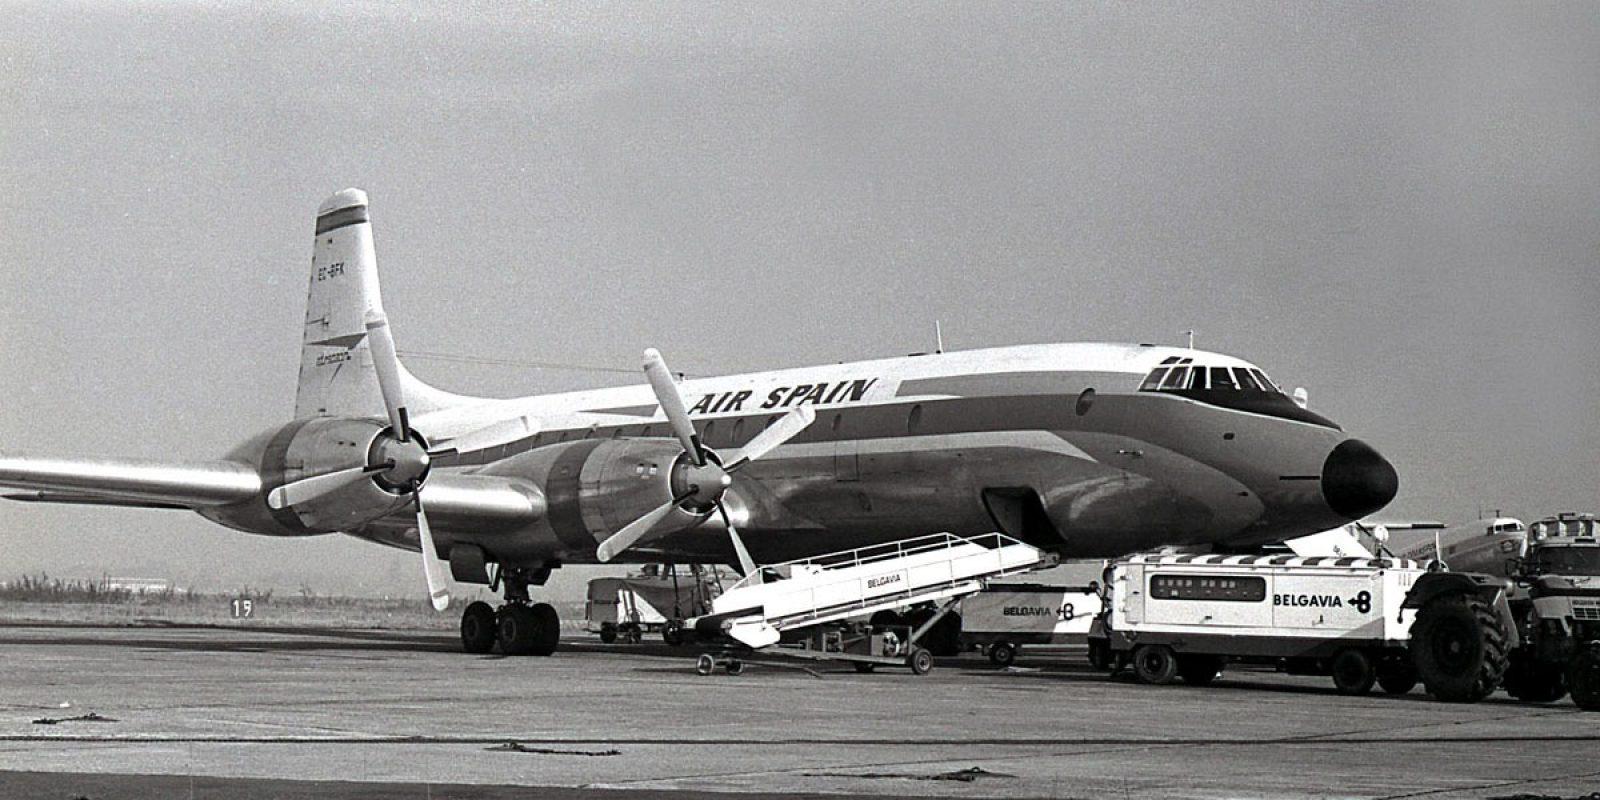 Le Bristol 175 Britannia d'Air Spain en cours de transbordement des bagages des passagers en 1969 à Zaventem; immatriculé EC-BFK en Espagne, ce fut l'avion du trajet aller à destination de Malaga en septembre 1969. (Photo Guy Viselé)